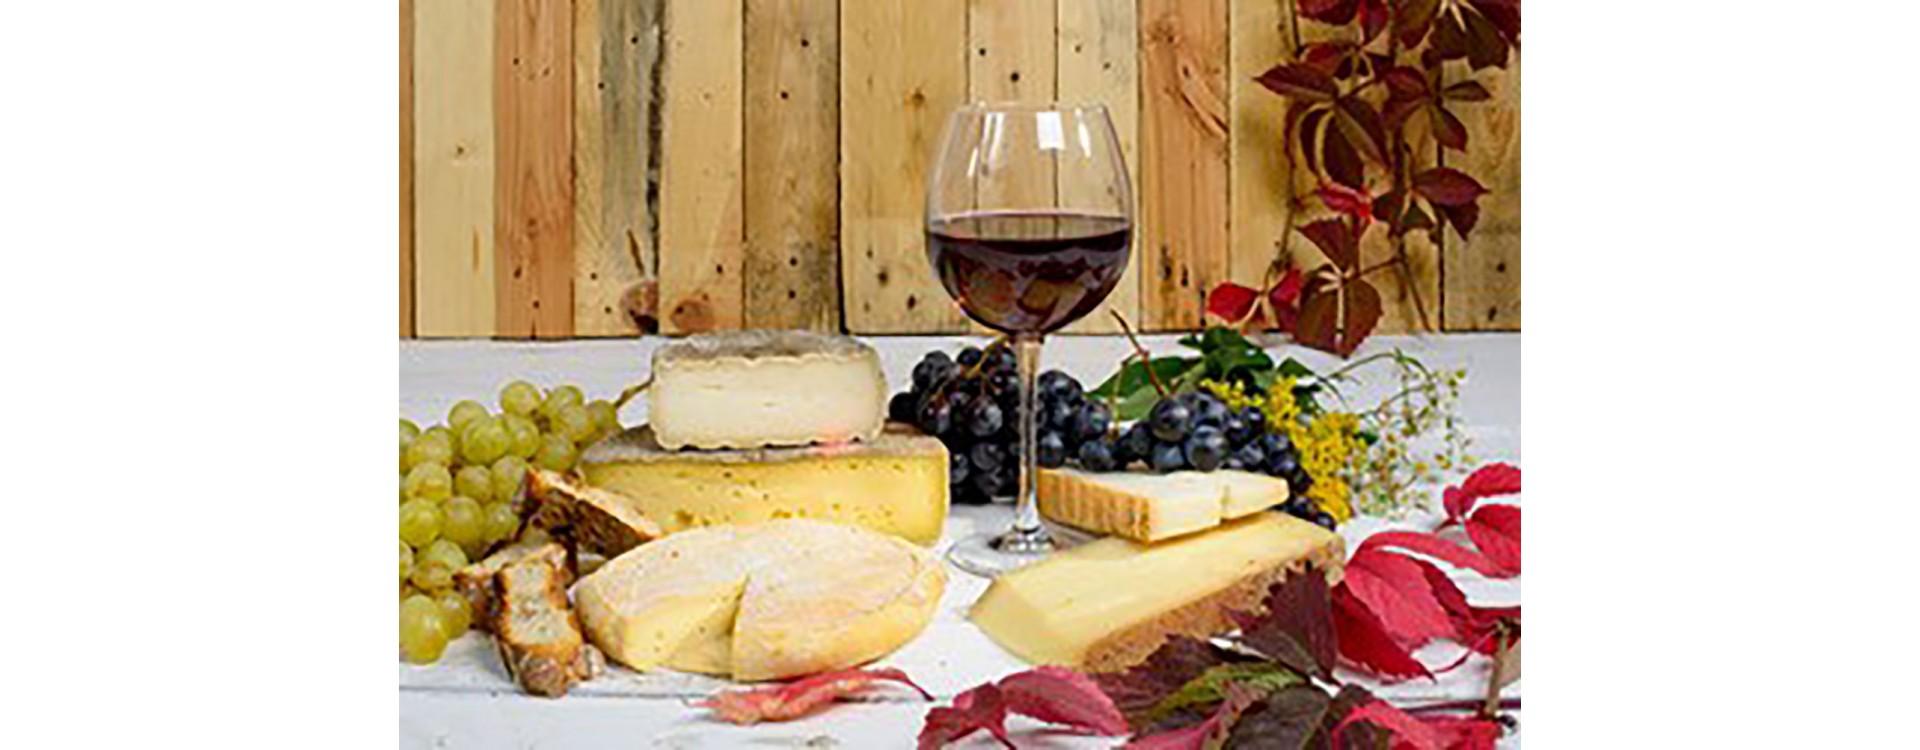 Vins et fromages de Savoie